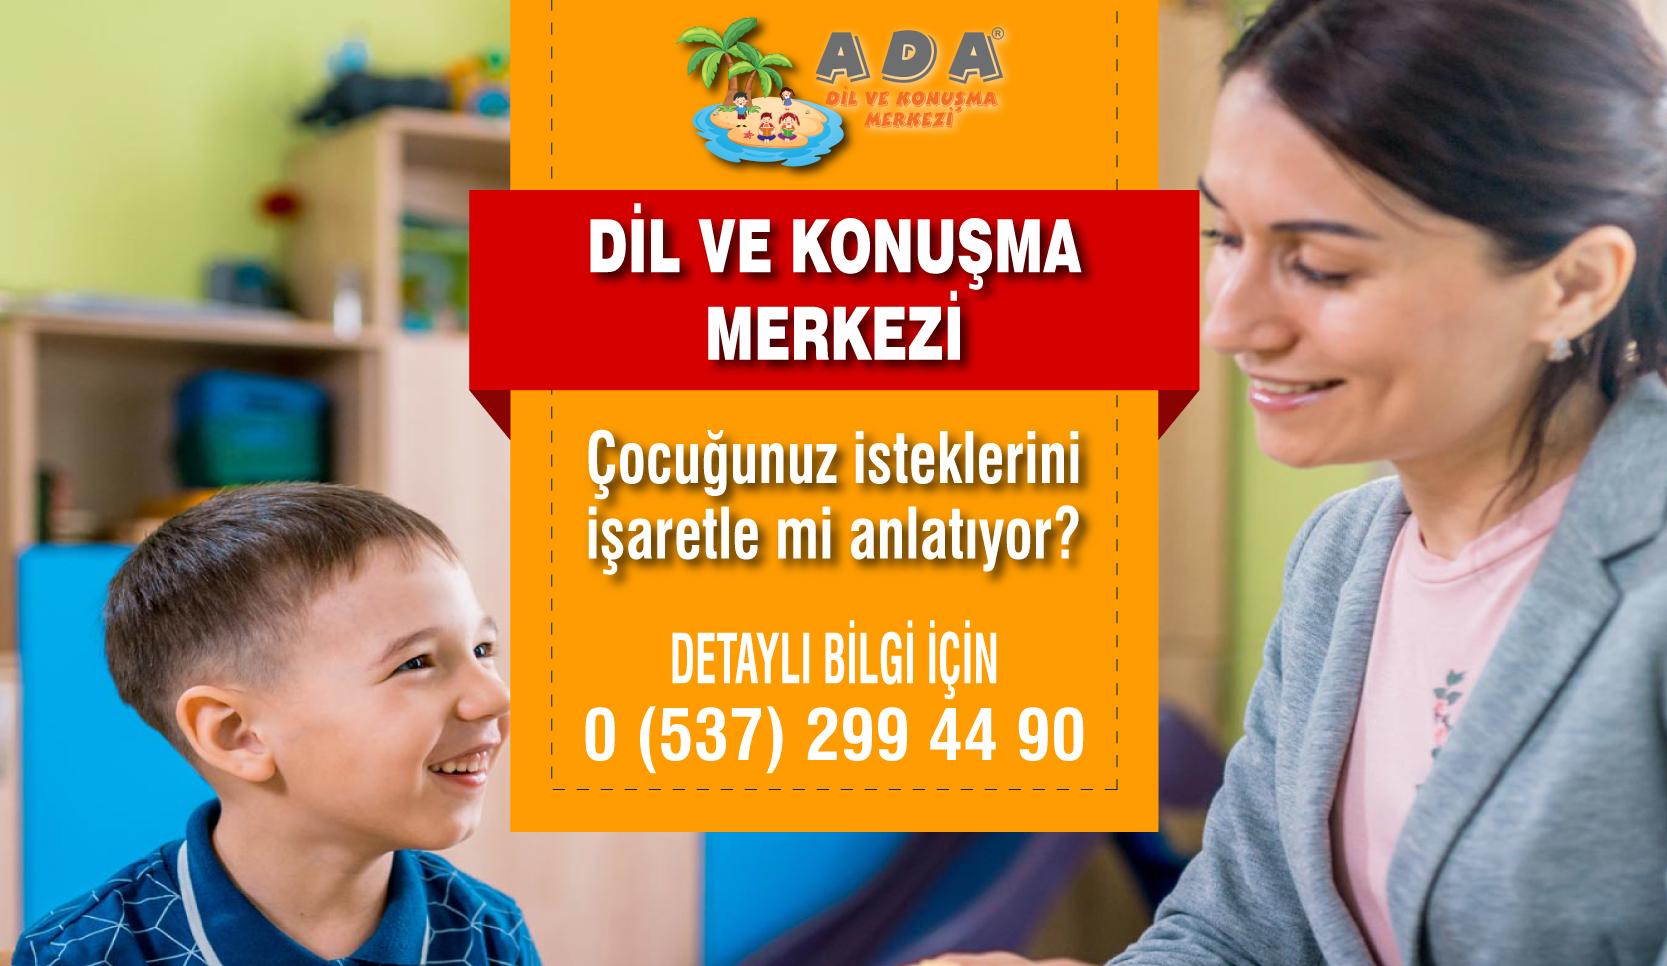 Dil Terapi Merkezi Bornova